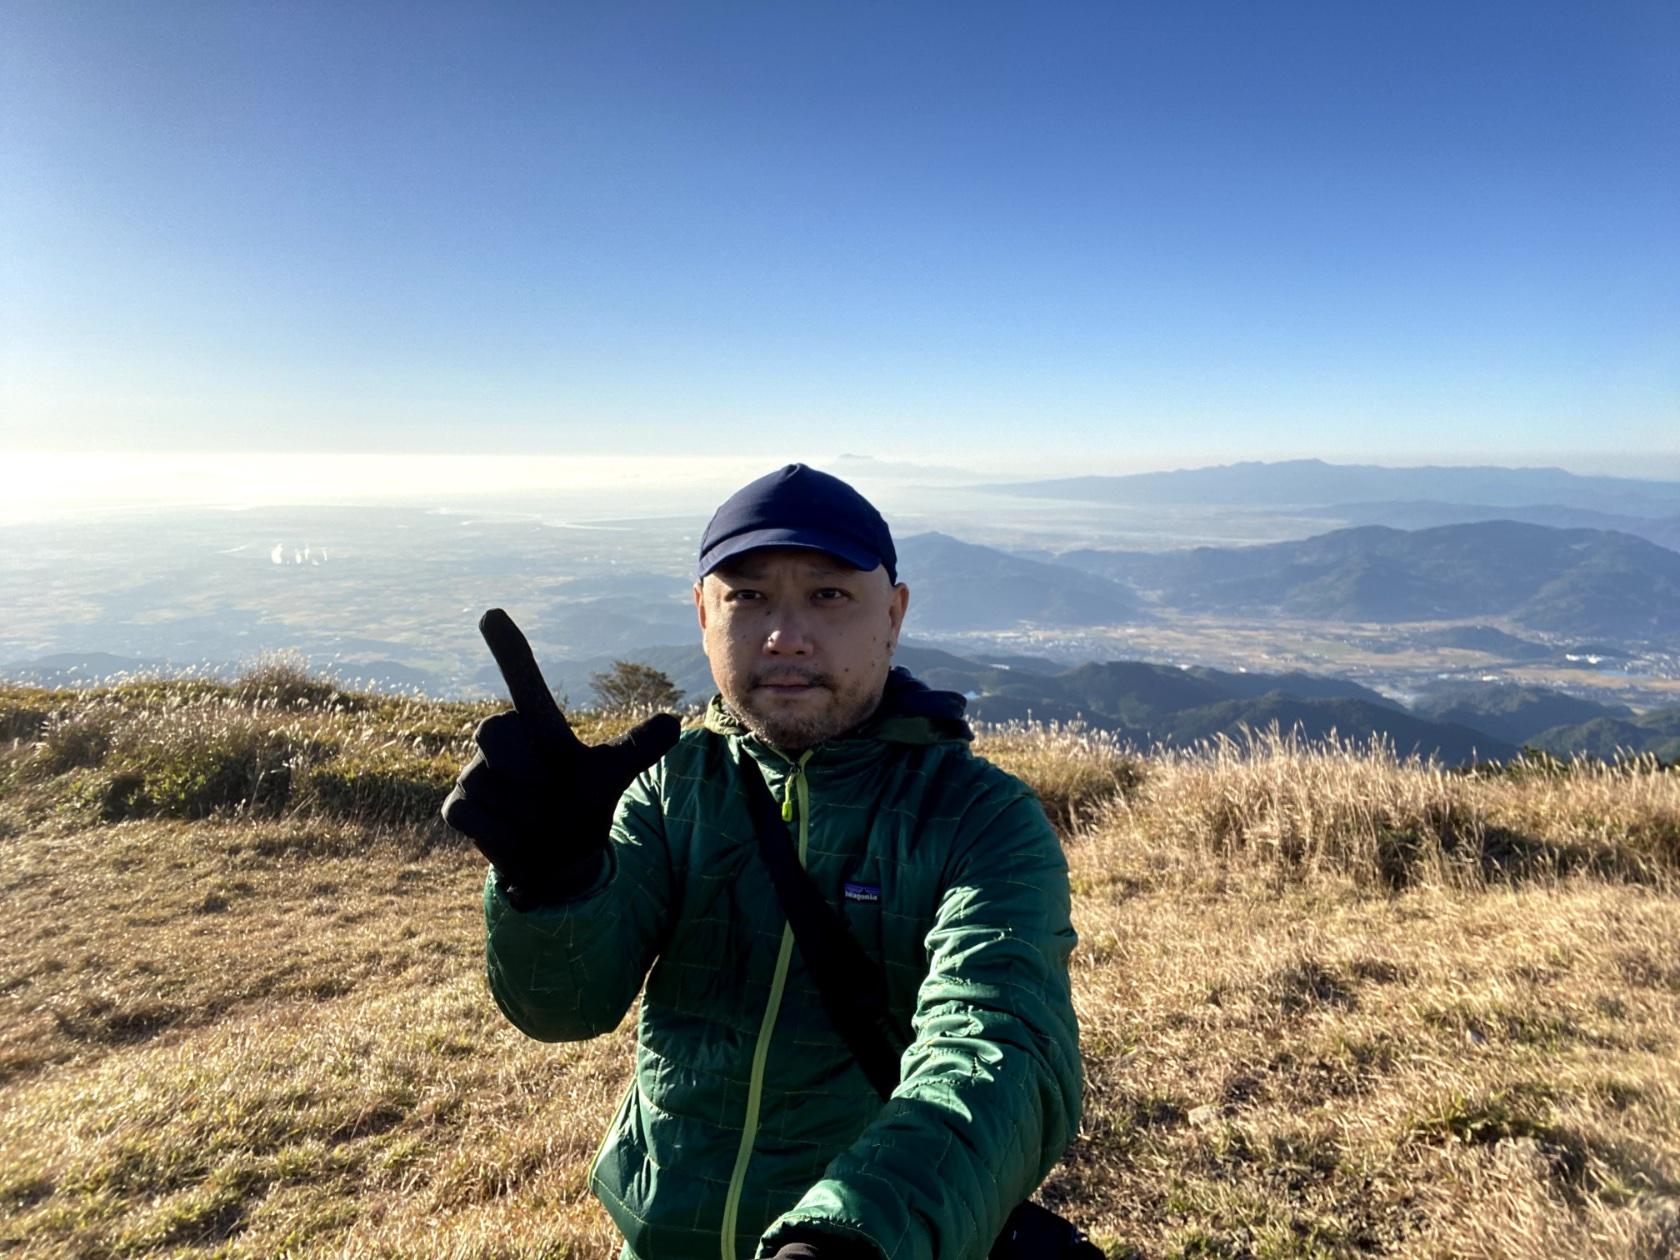 登山の休憩中、 Patagonia のナノパフジャケットを着て寒さを凌いでいる著者。